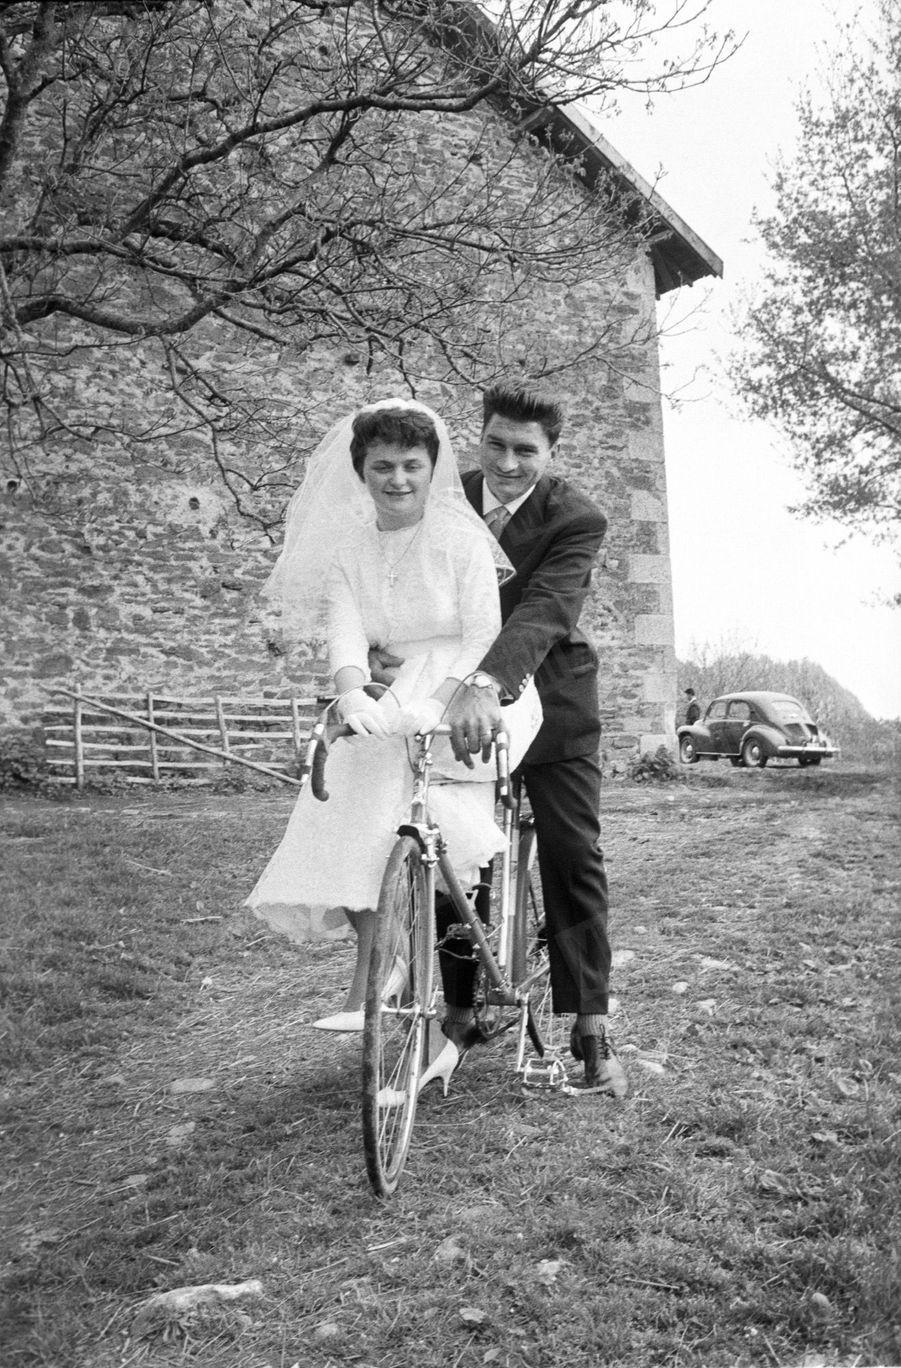 Le 16 avril 1961, à Champnétery en Haute-Vienne, Raymond Poulidor épouse Gisèle Bardet.